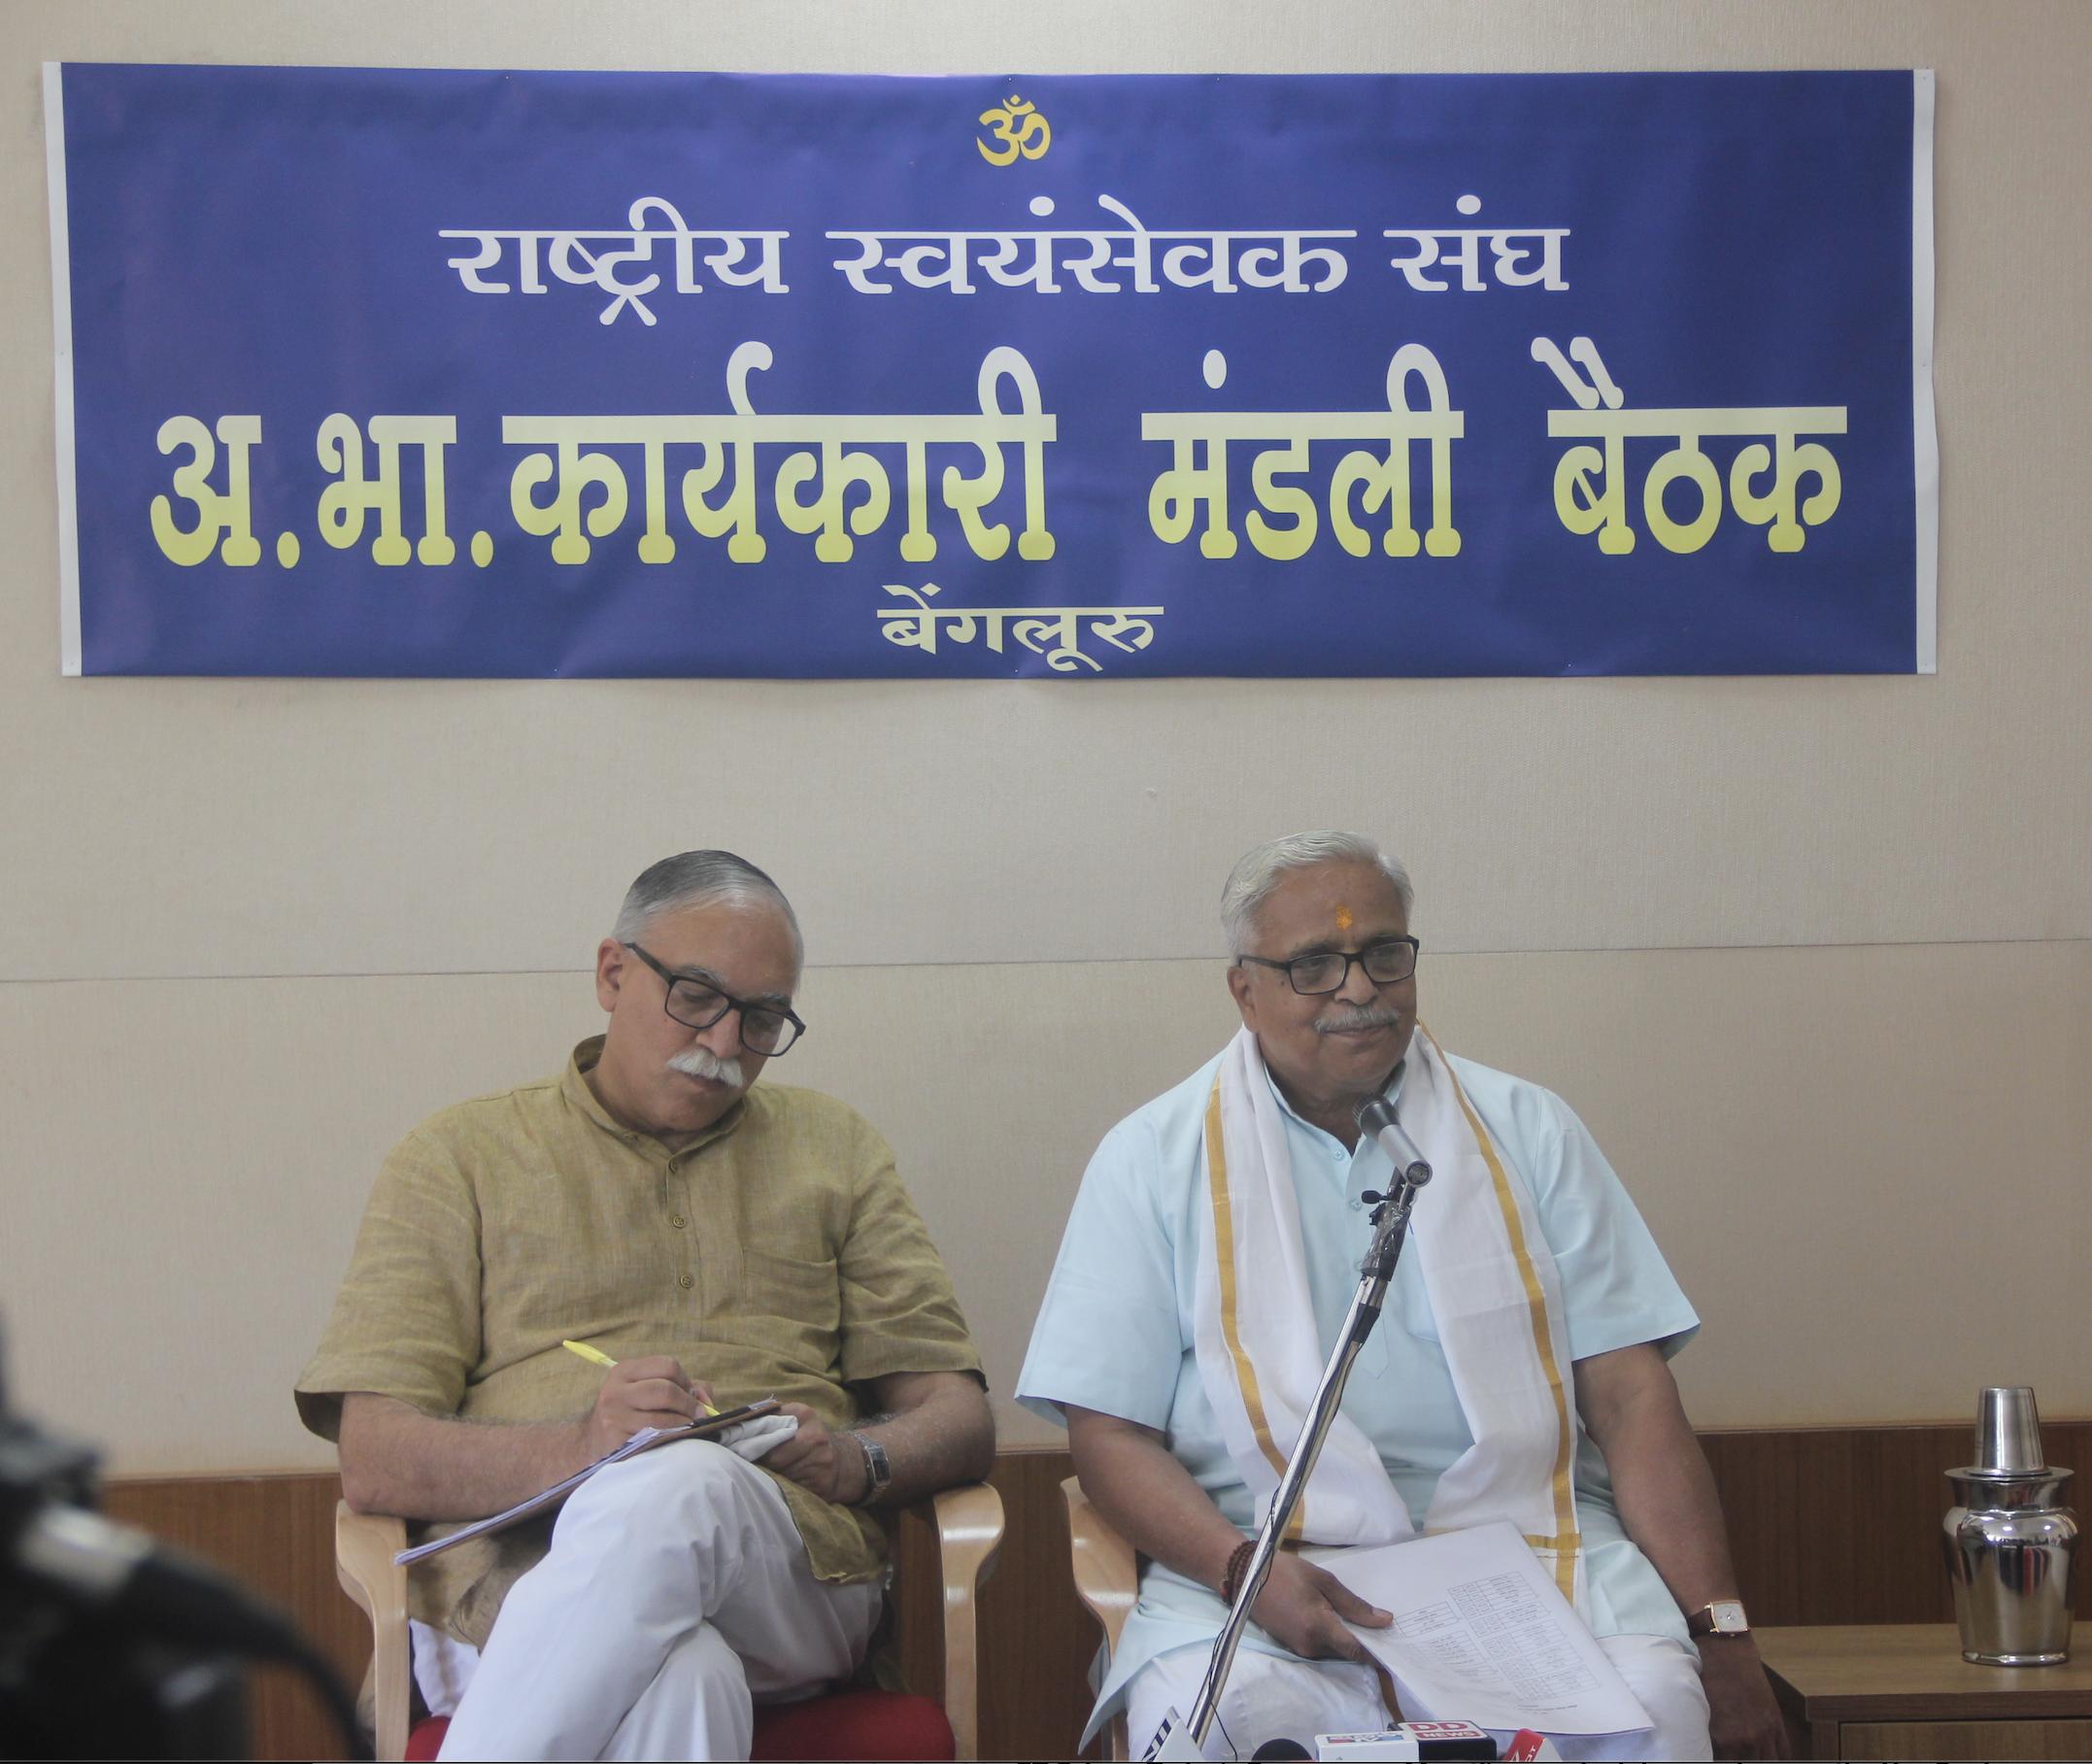 ಅಖಿಲ ಭಾರತೀಯ ಕಾರ್ಯಕಾರಿ ಮಂಡಲ ಬೈಠಕ್ ನಿರ್ಣಯಗಳು #RSSABKM2020